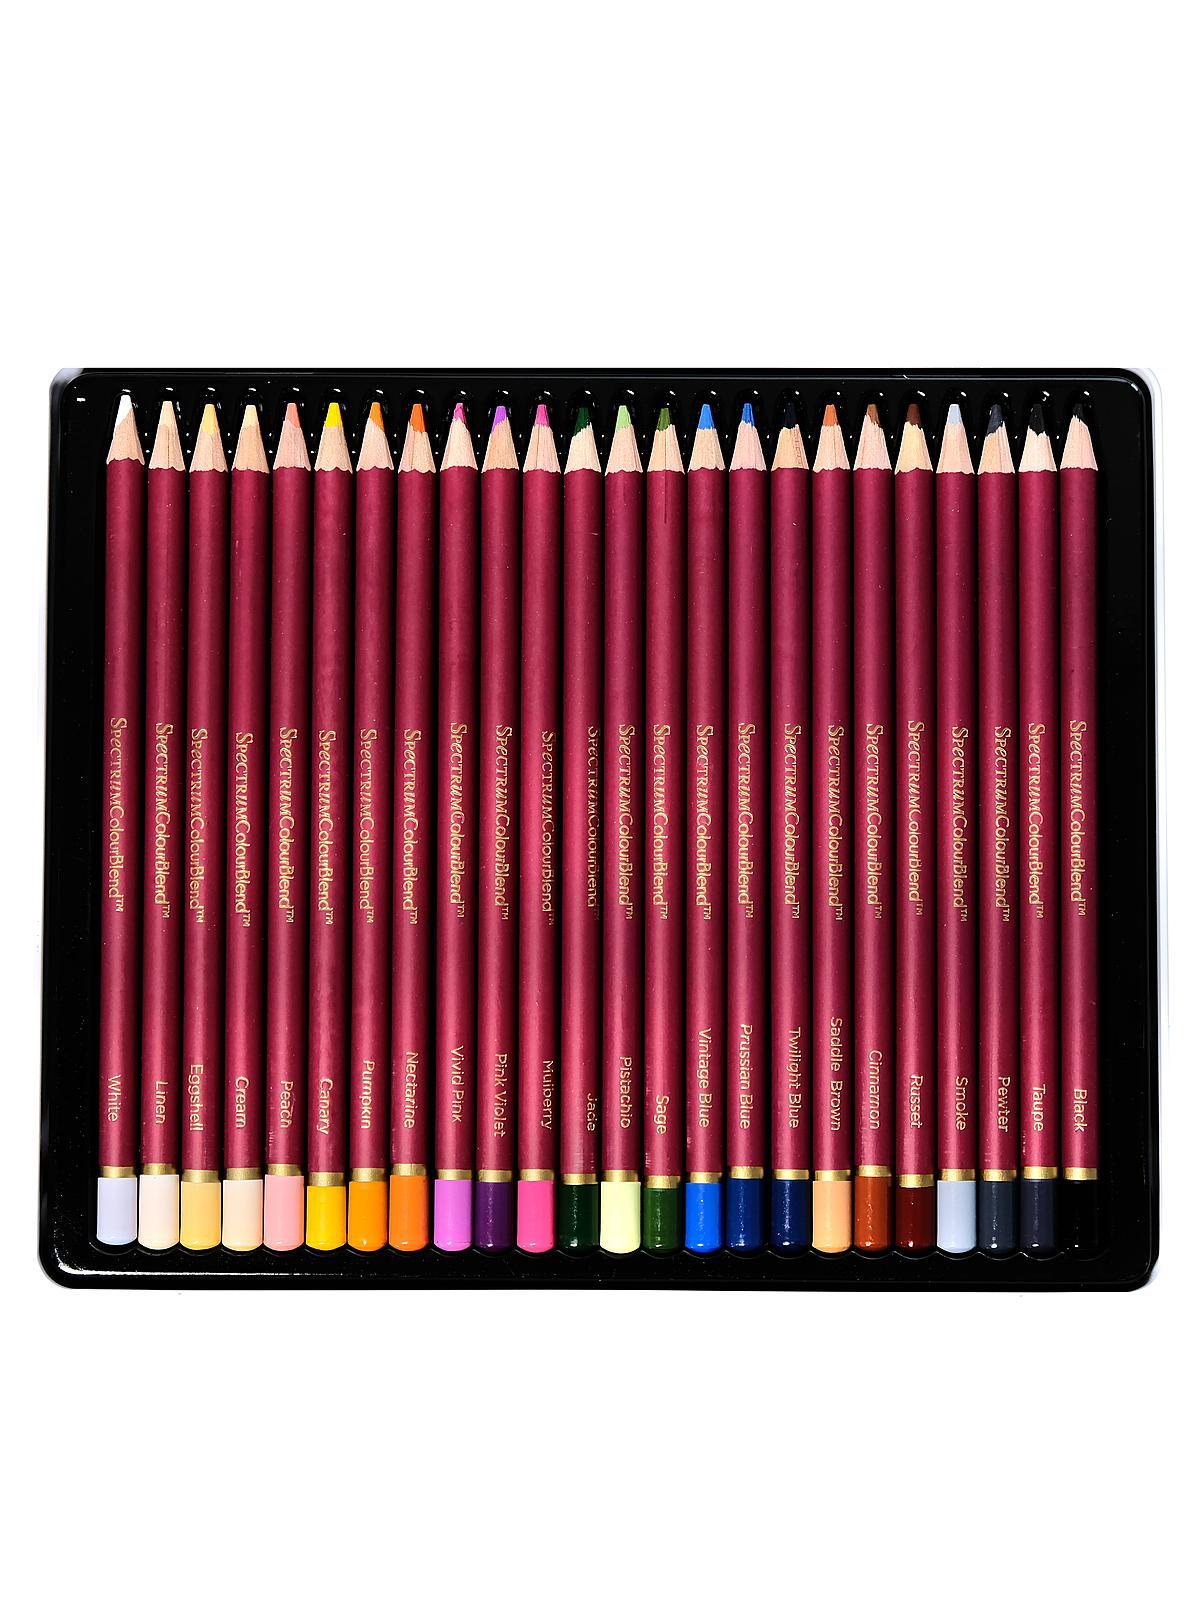 ColourBlend Artist Blending Pencils